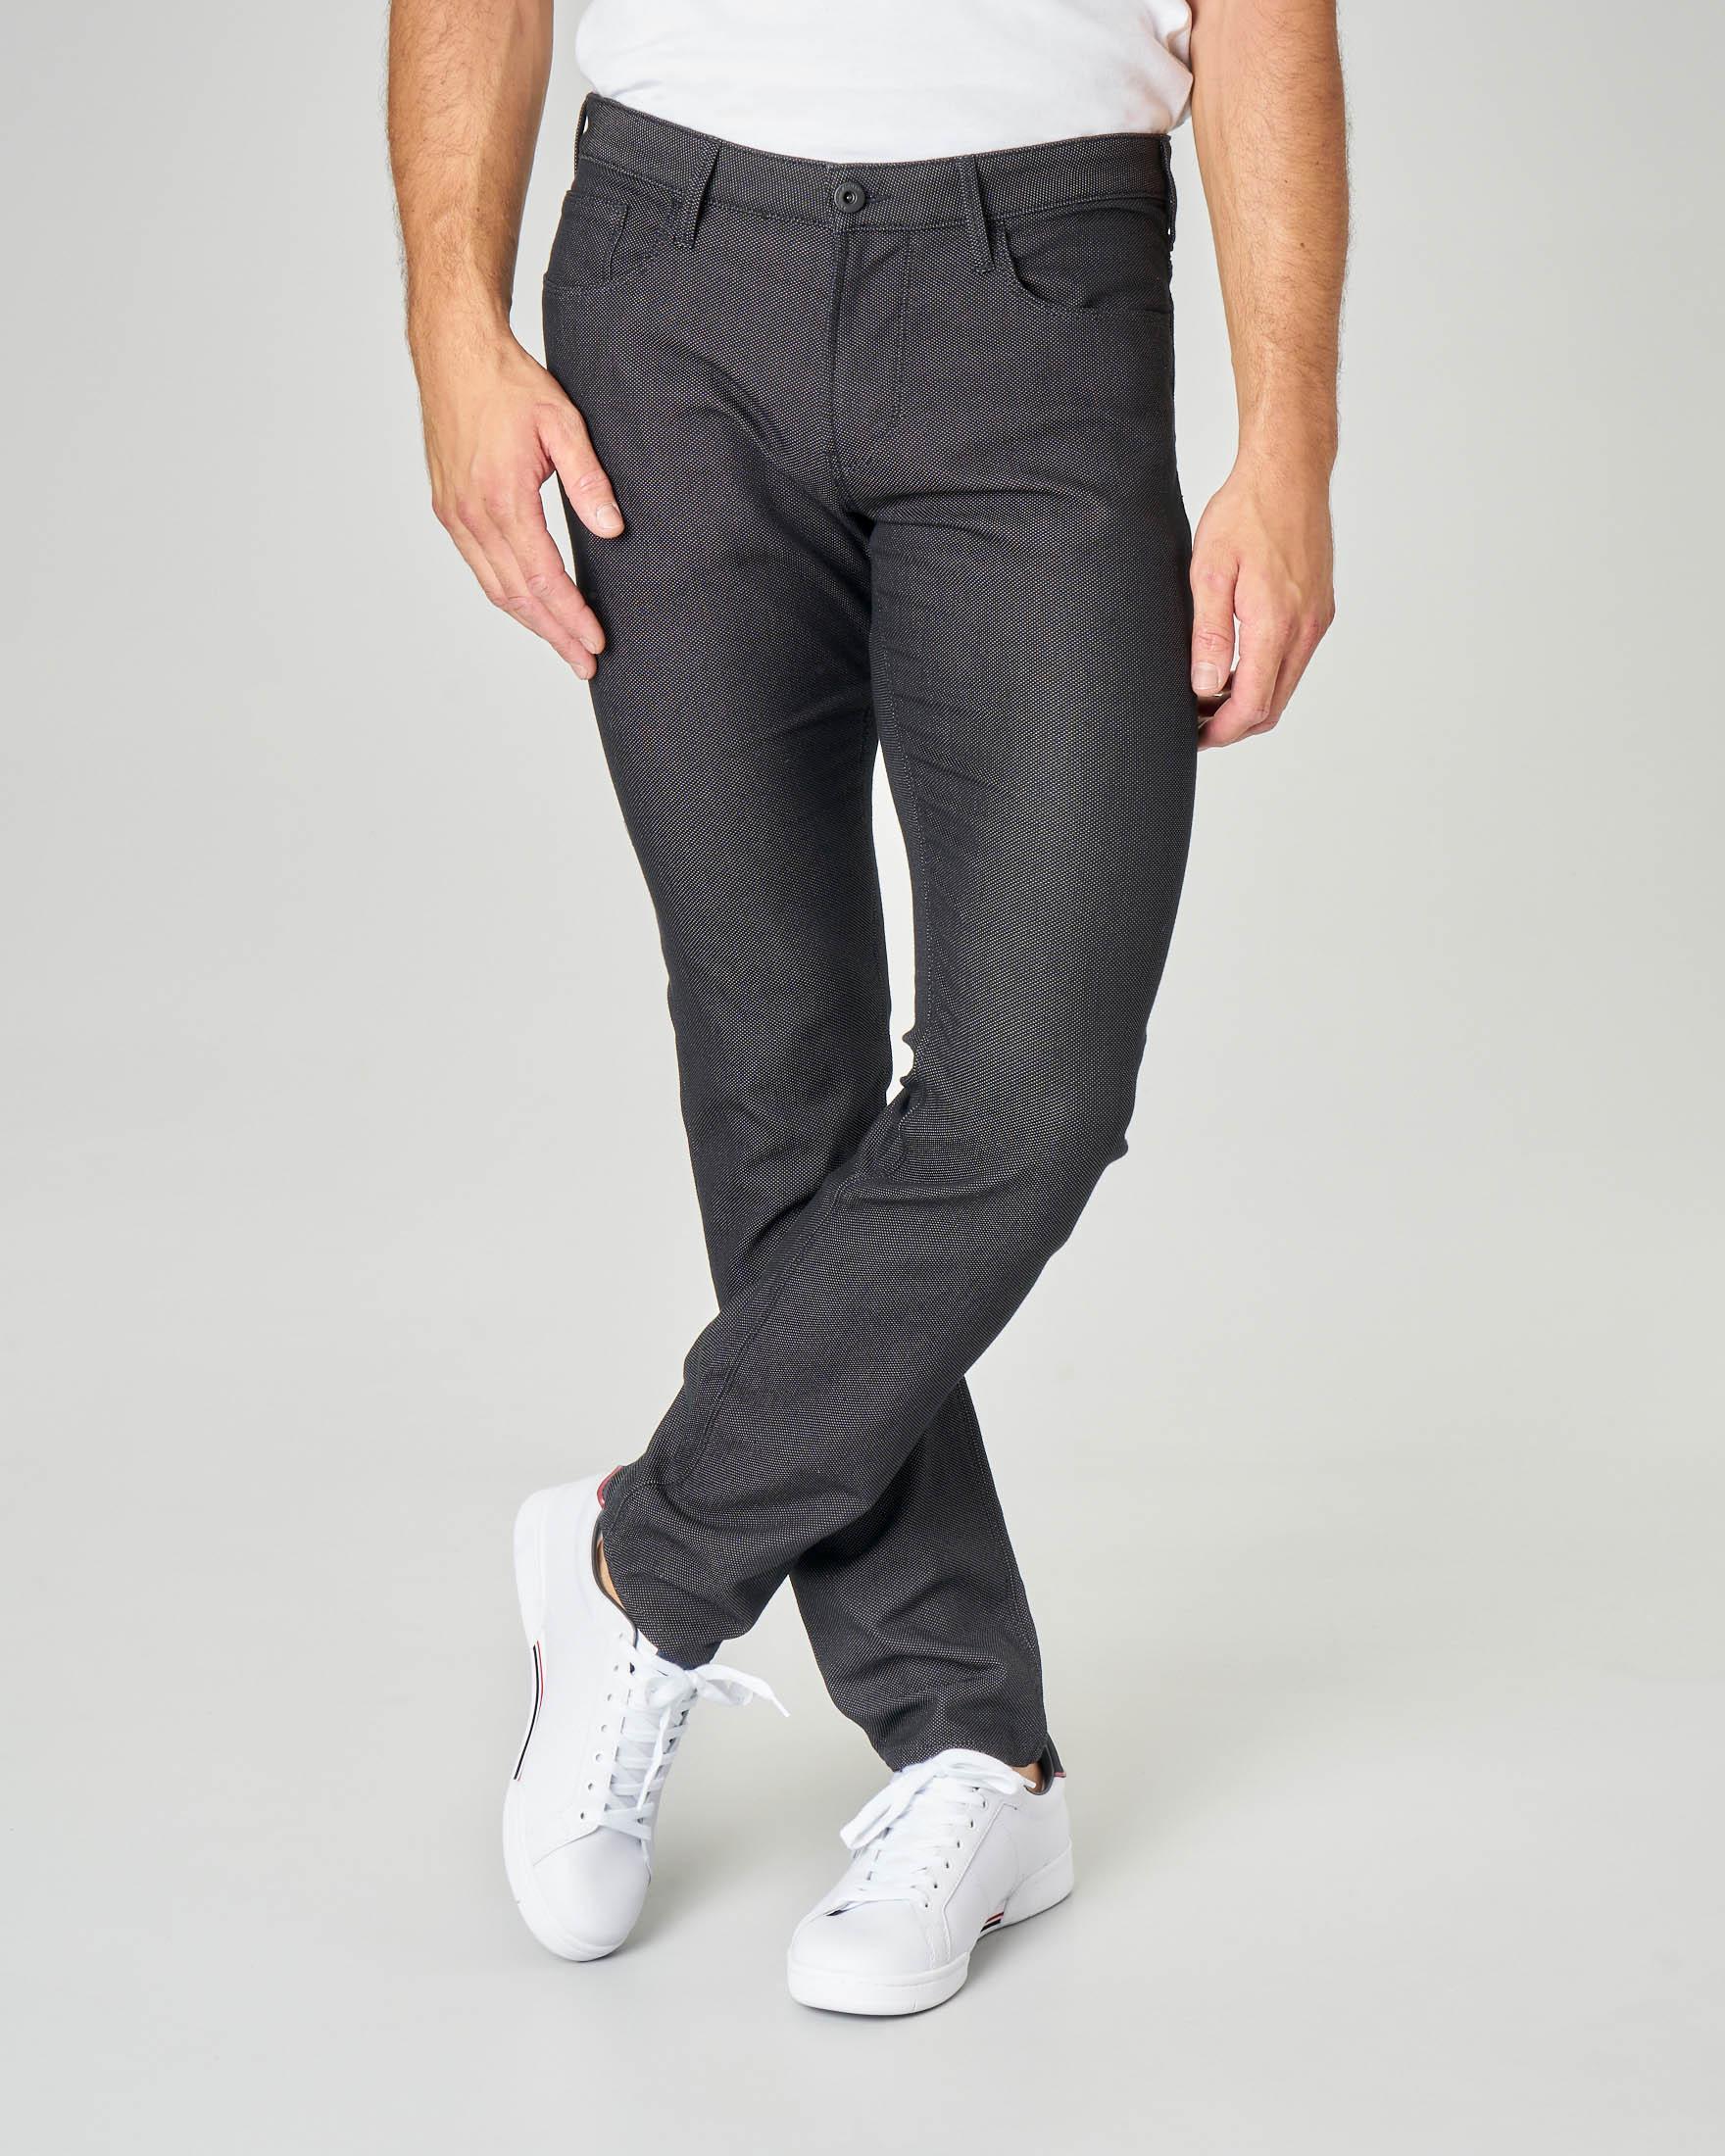 Pantalone nero cinque tasche in tessuto armaturato